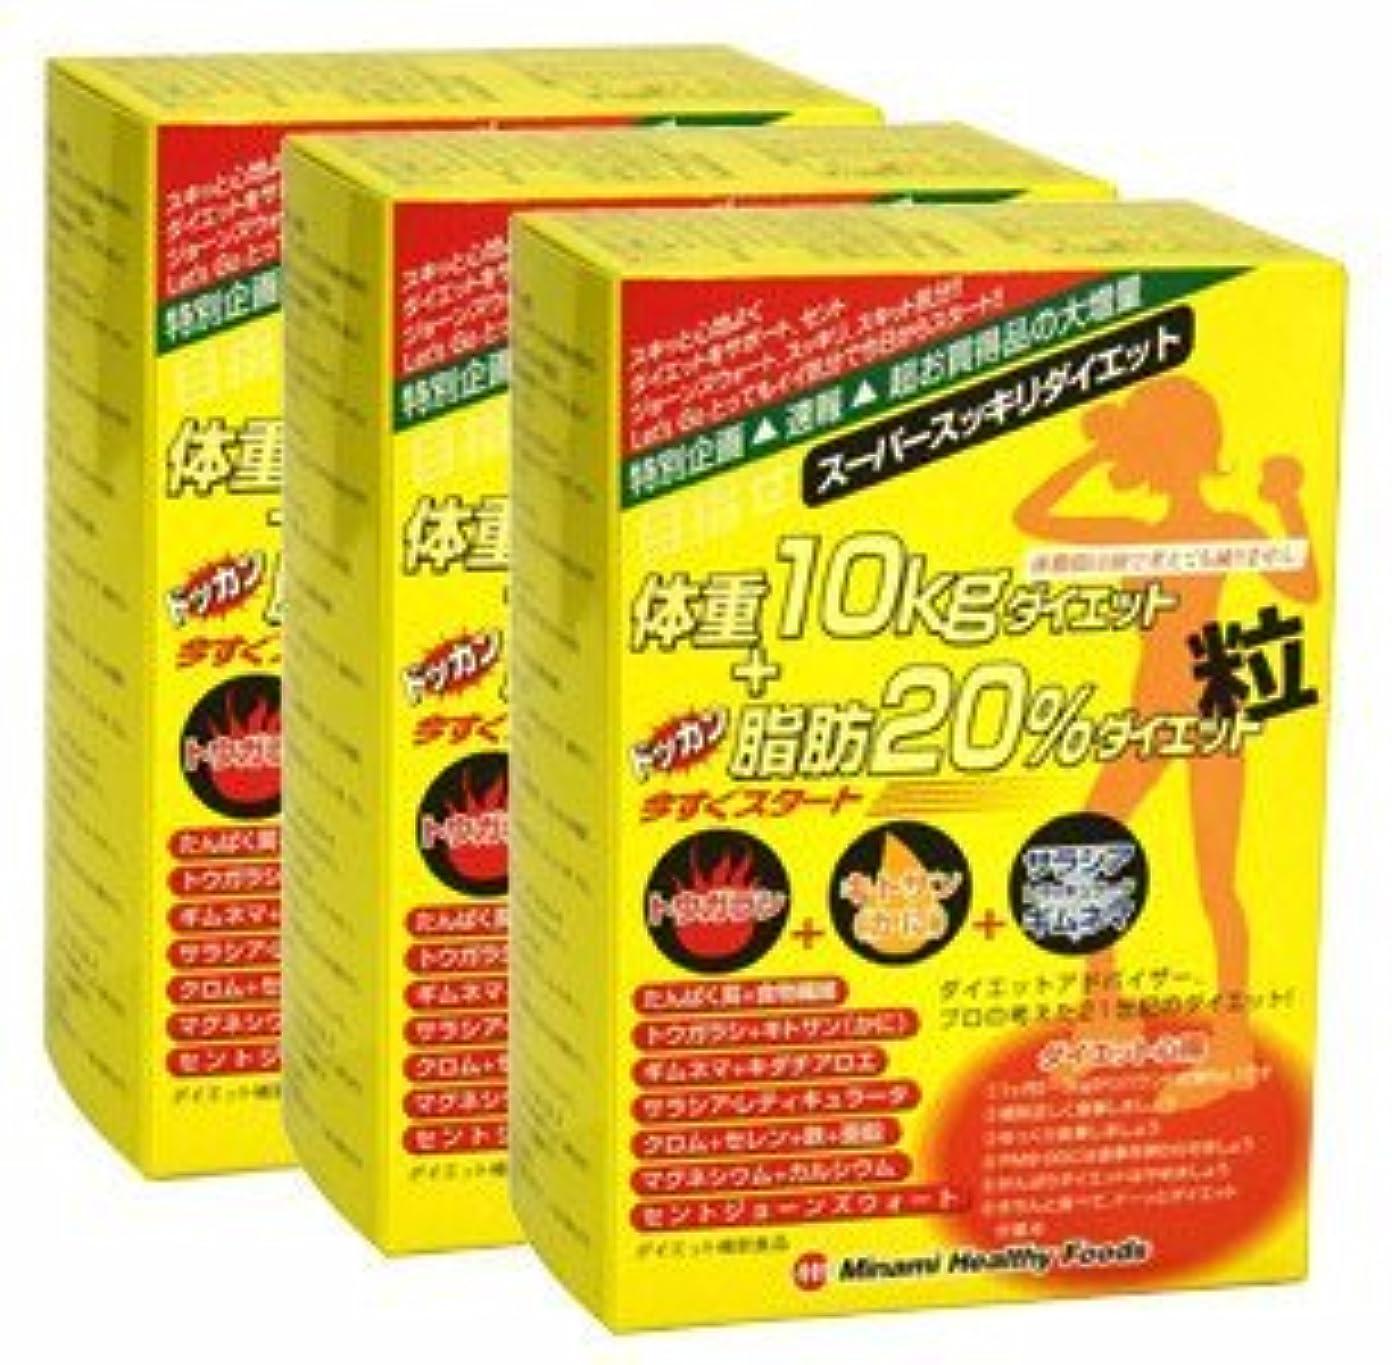 死ぬつまずく中断目指せ体重10kg+ドッカン脂肪20%ダイエット粒【3箱セット】ミナミヘルシーフーズ